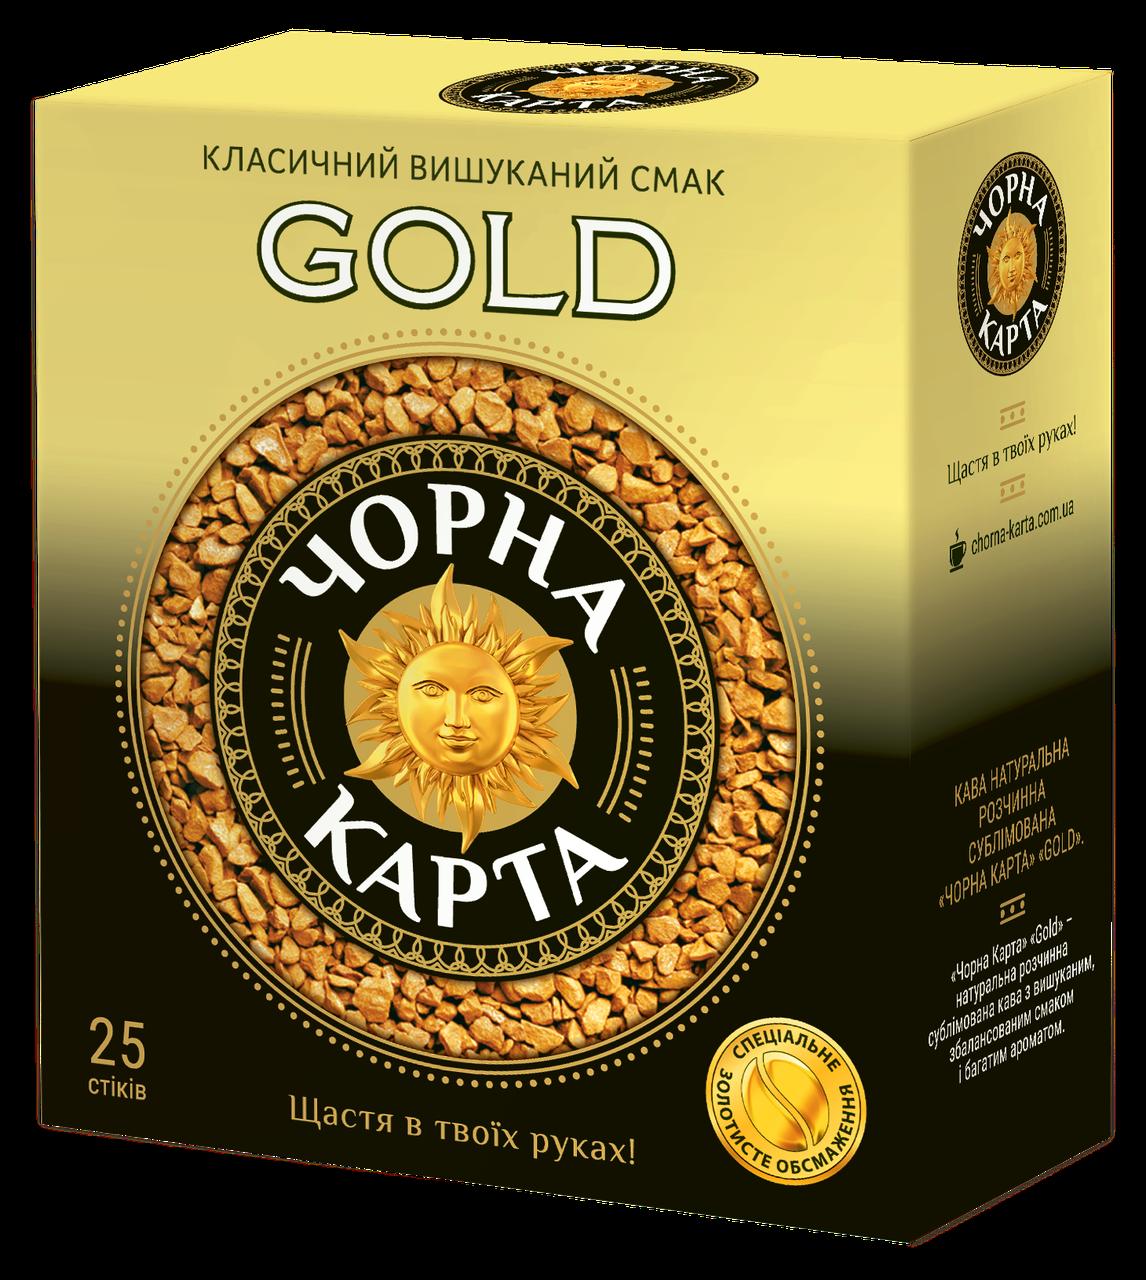 Кофе растворимый Чорна Карта Gold, сток 1,8 г шоубокс 25 шт